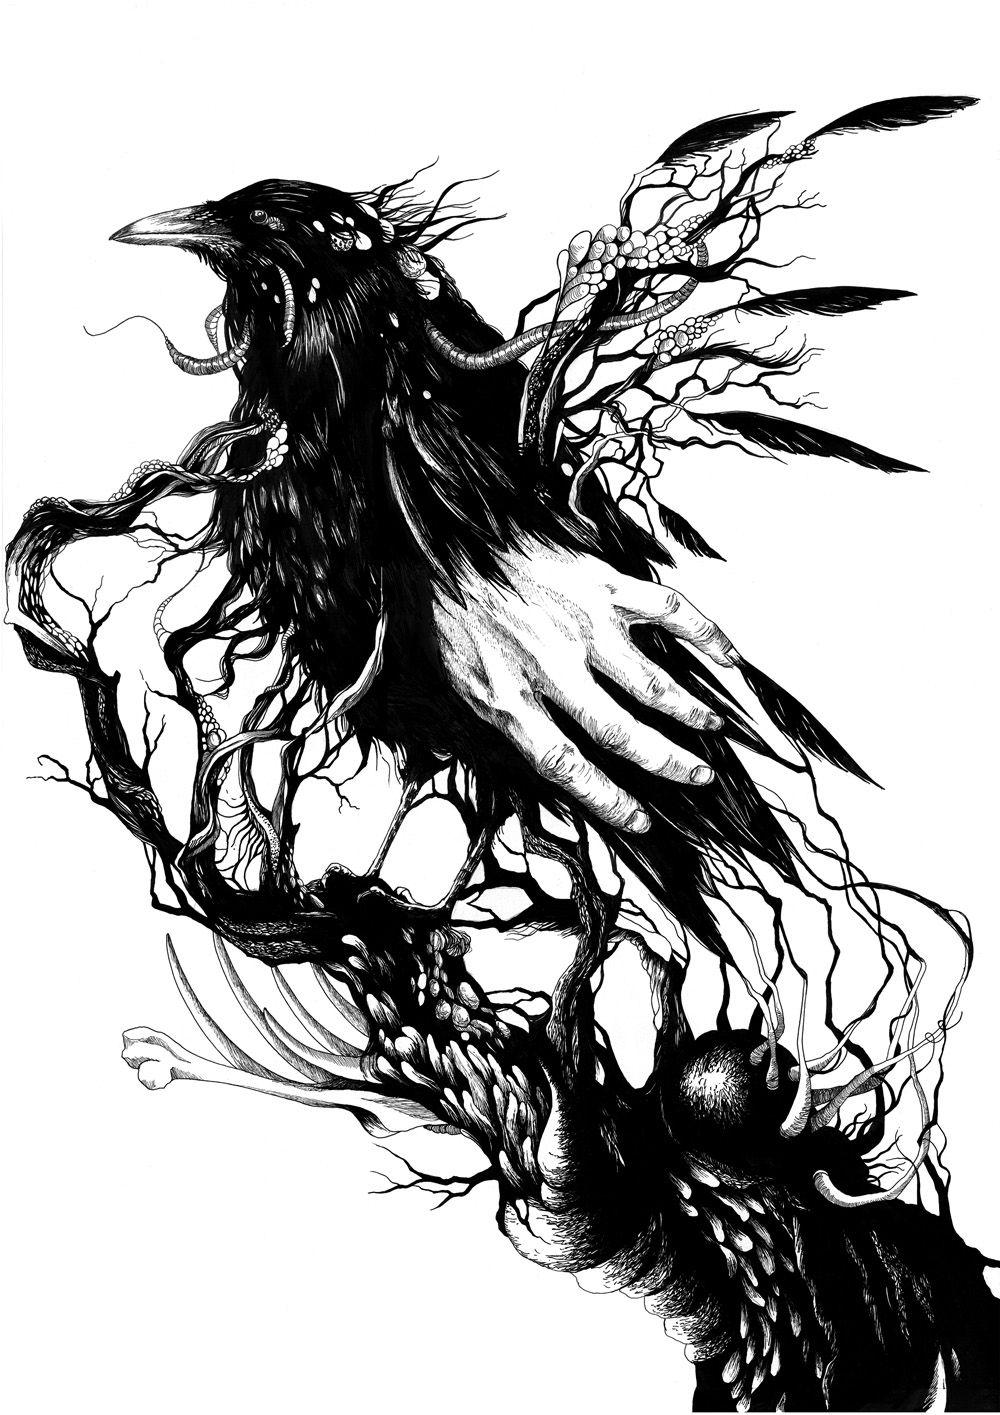 Dessin de plume pour tatouage galerie tatouage - Tatouage corbeau signification ...